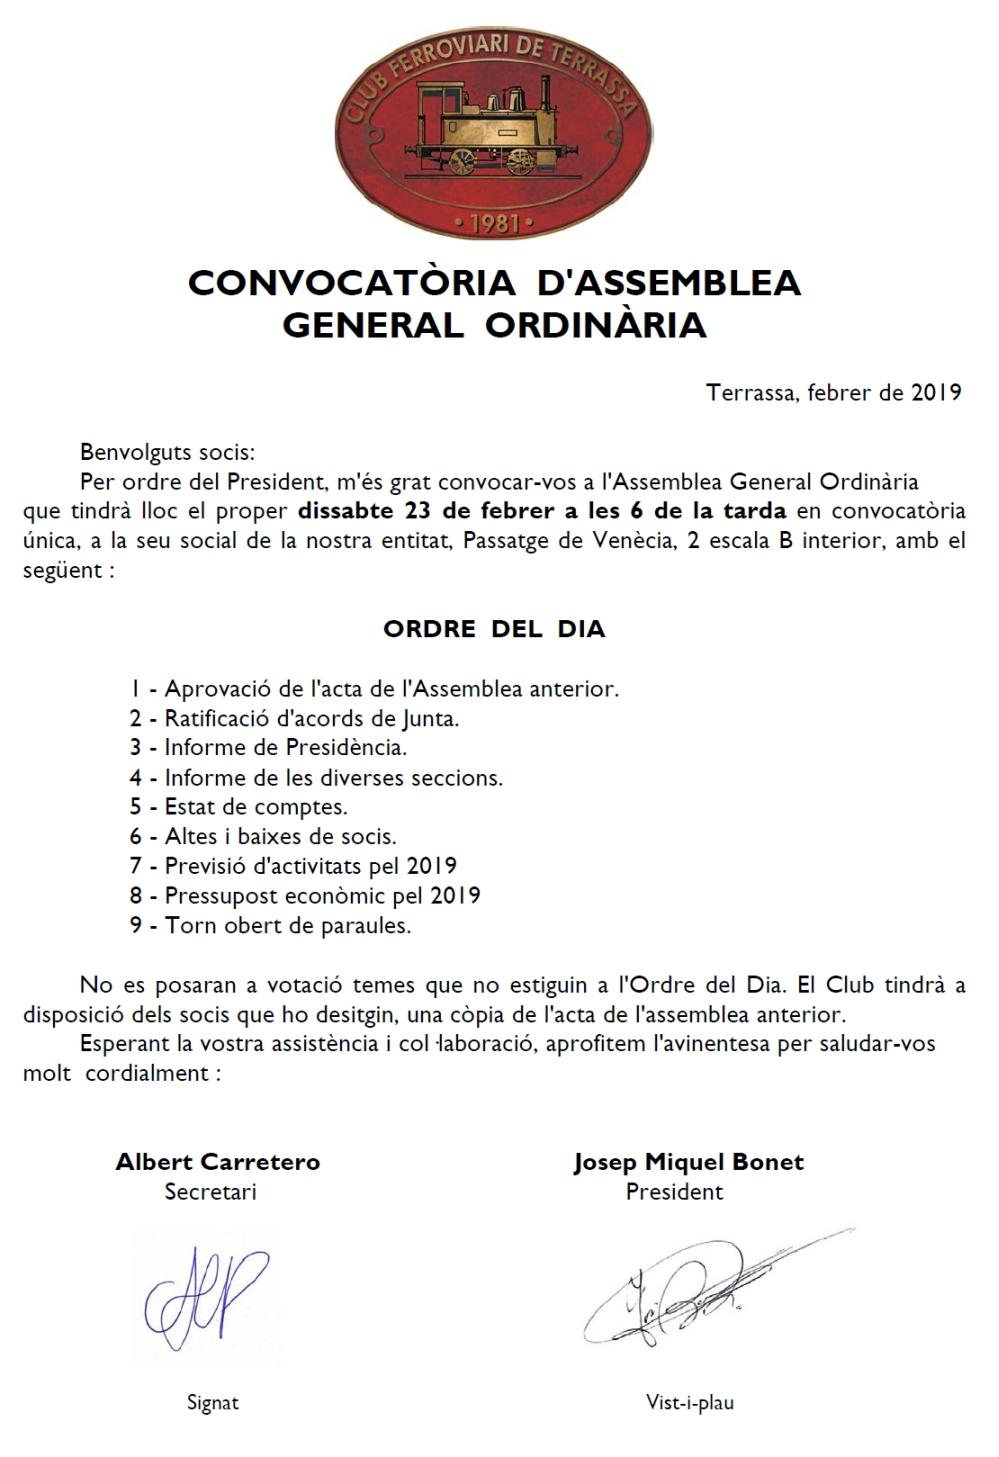 Convocatòria a l'Assamblea General Ordinària